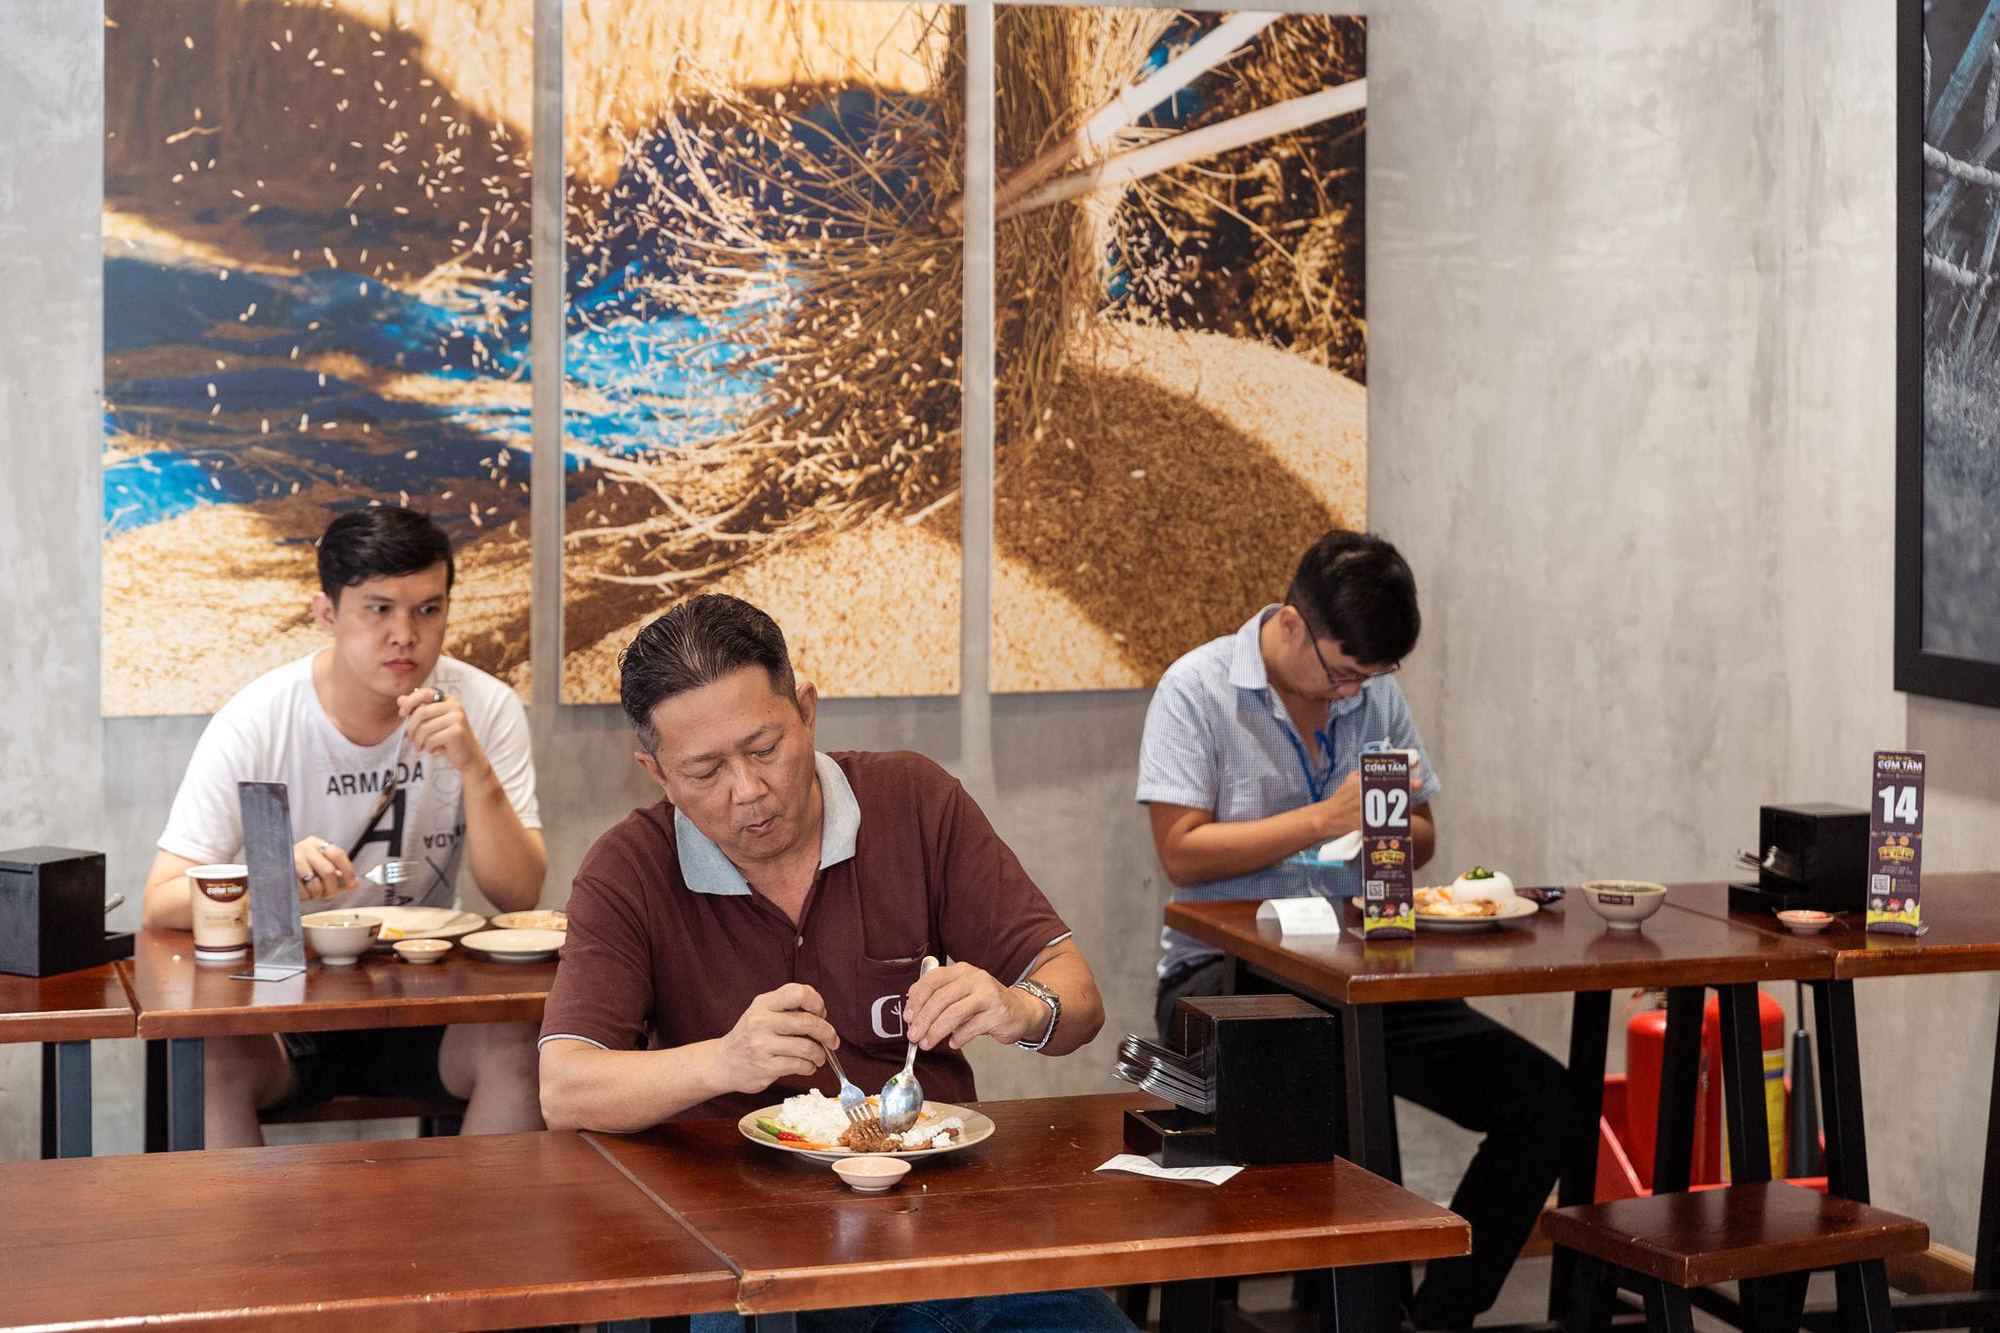 """Trót mê mẩn cơm tấm thì không thể bỏ qua địa chỉ """"ngon nức lòng"""" ở Sài Gòn - Ảnh 4."""